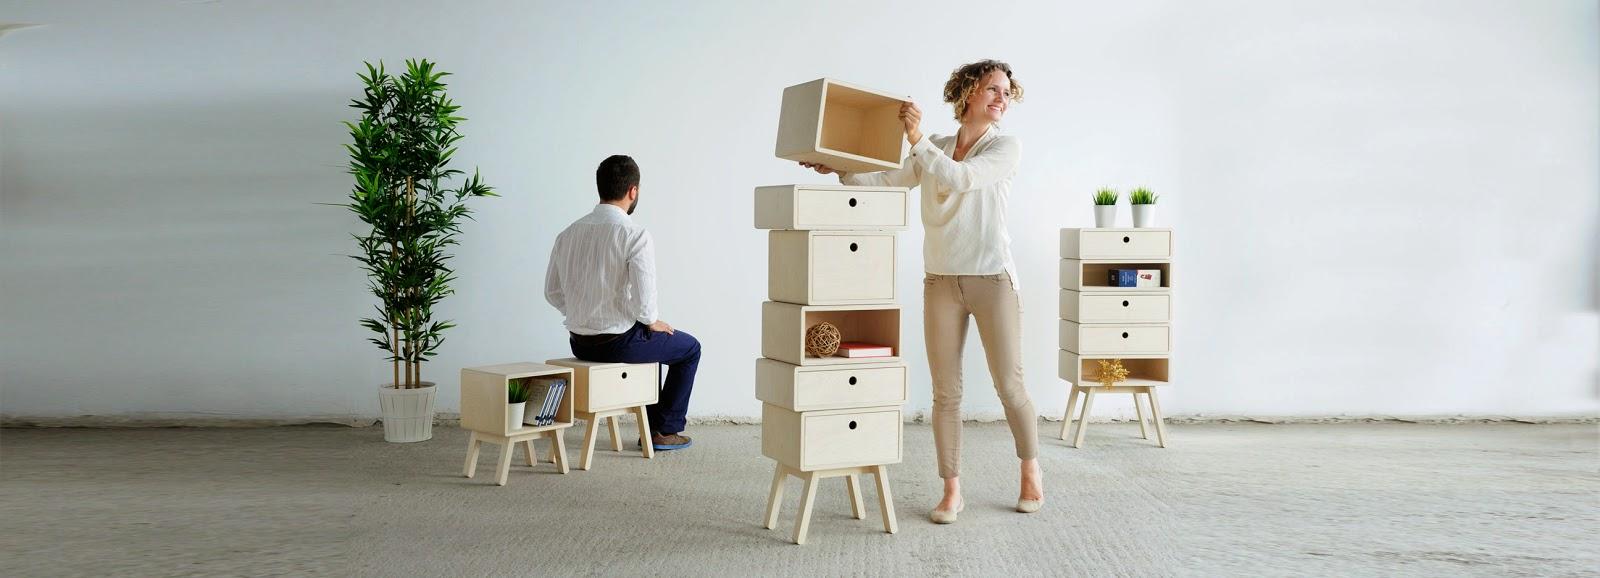 Furniture Multiguna